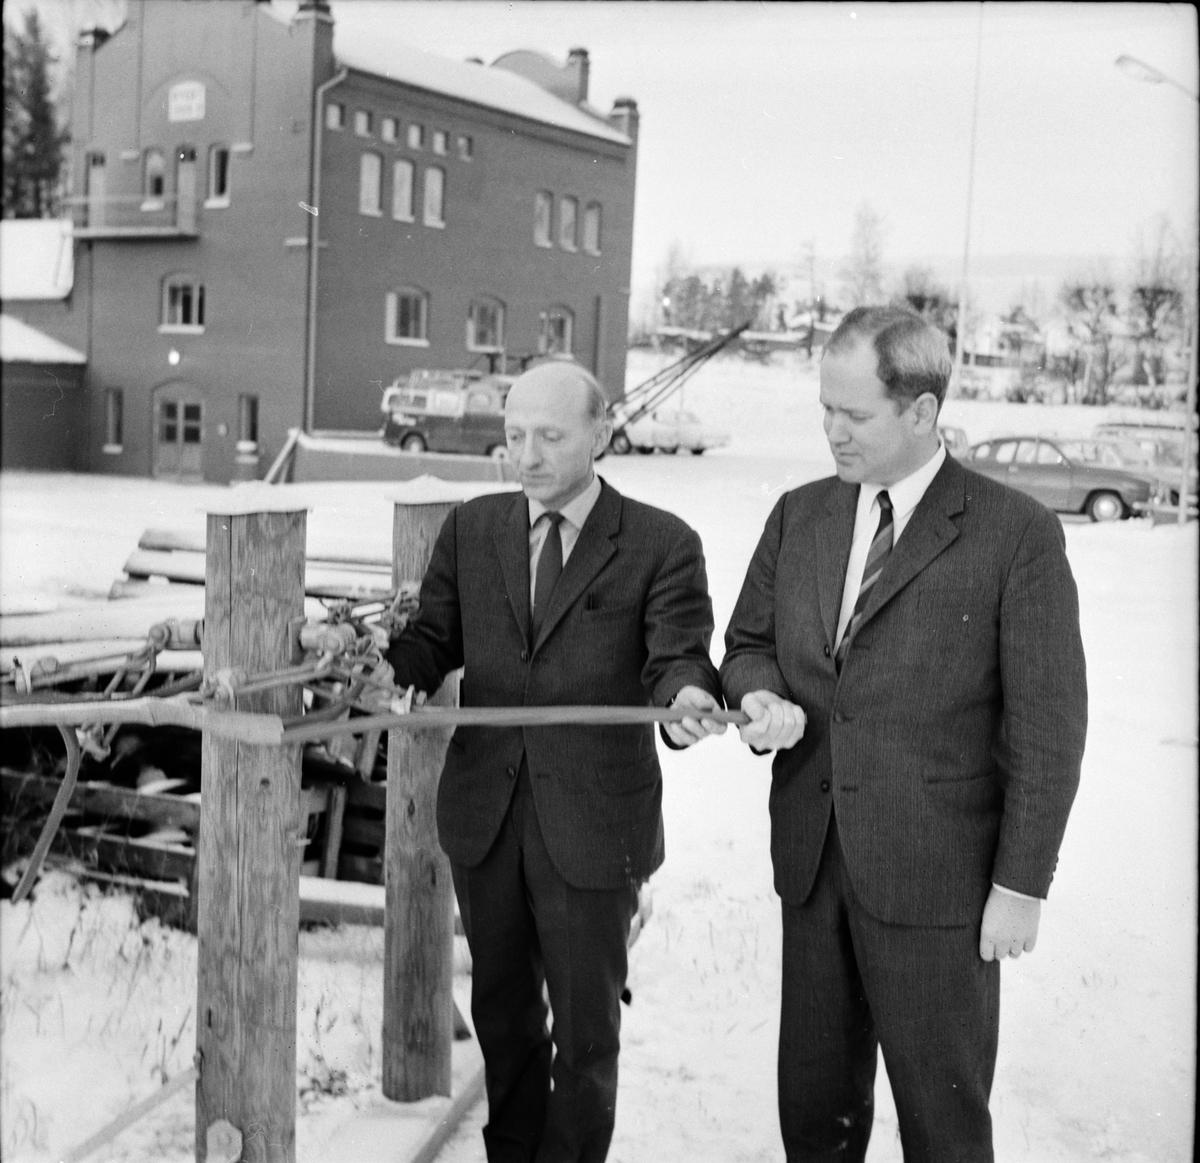 Arbrå, Kraftverkets visning, 9 December 1967